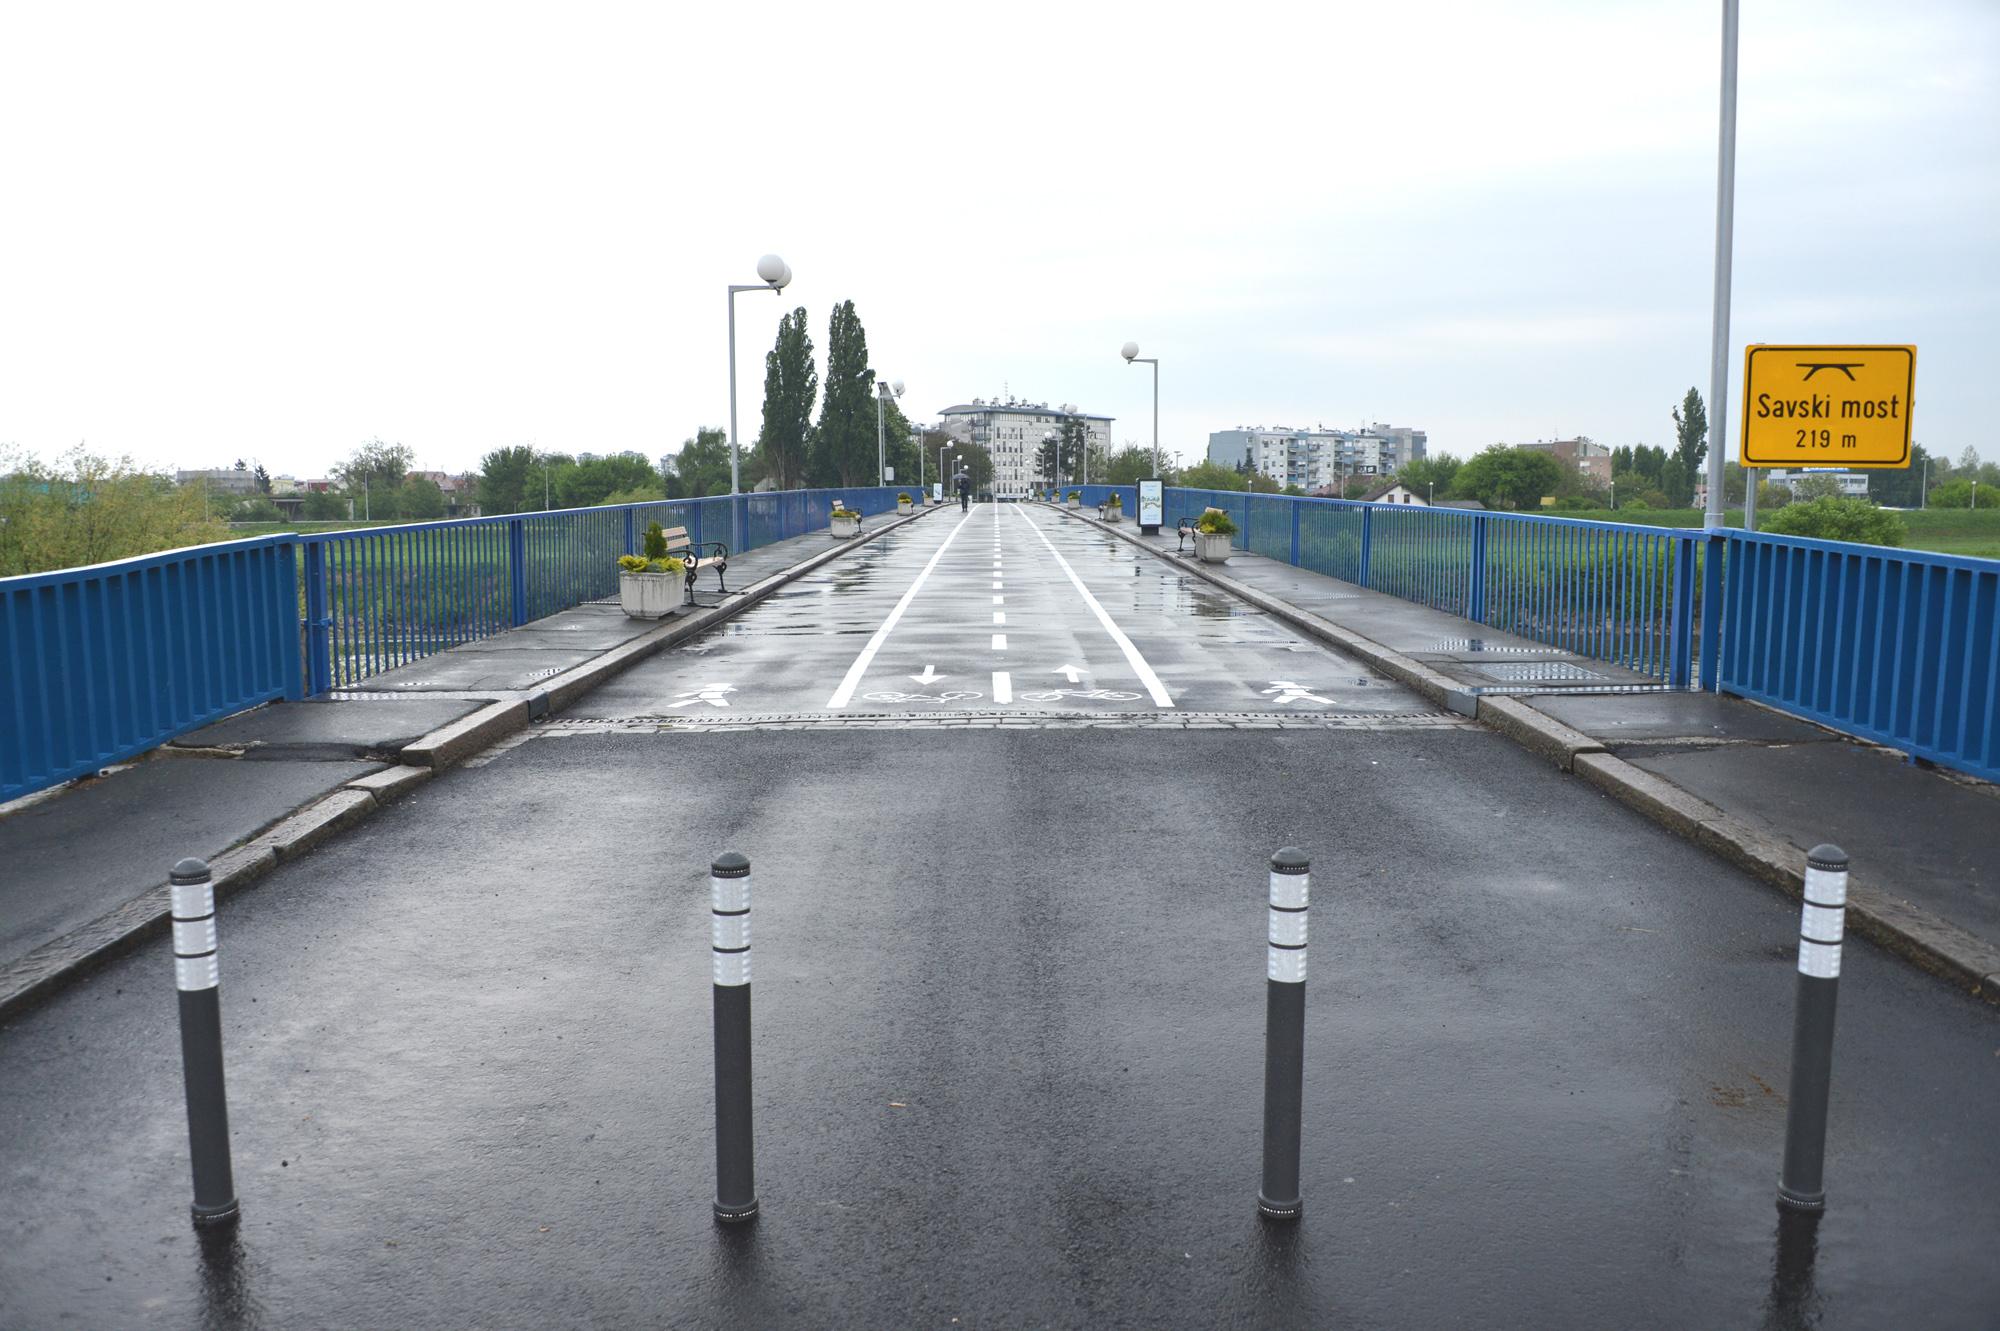 Savski most: Jedan od najstarijih na svijetu većih spregnutih mostova koji nije bio tako projektiran